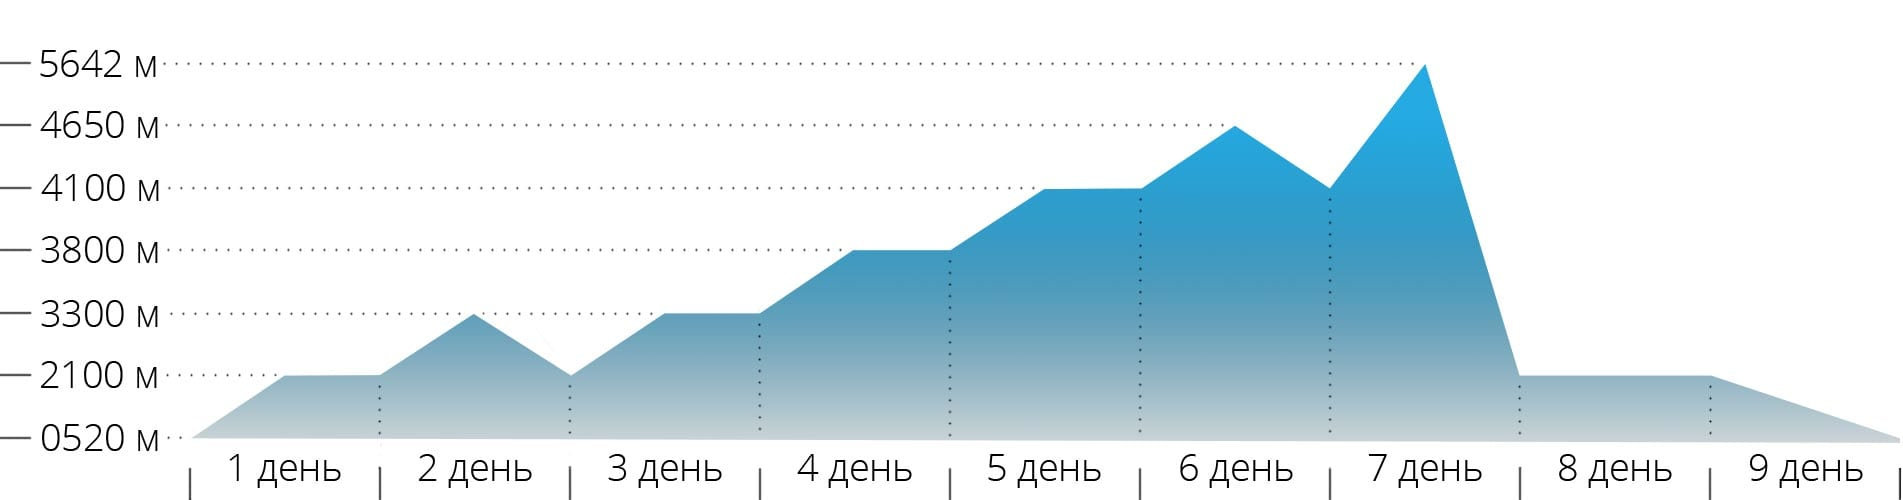 График с высотами для восхождения на Эльбруса через скалы Пастухова